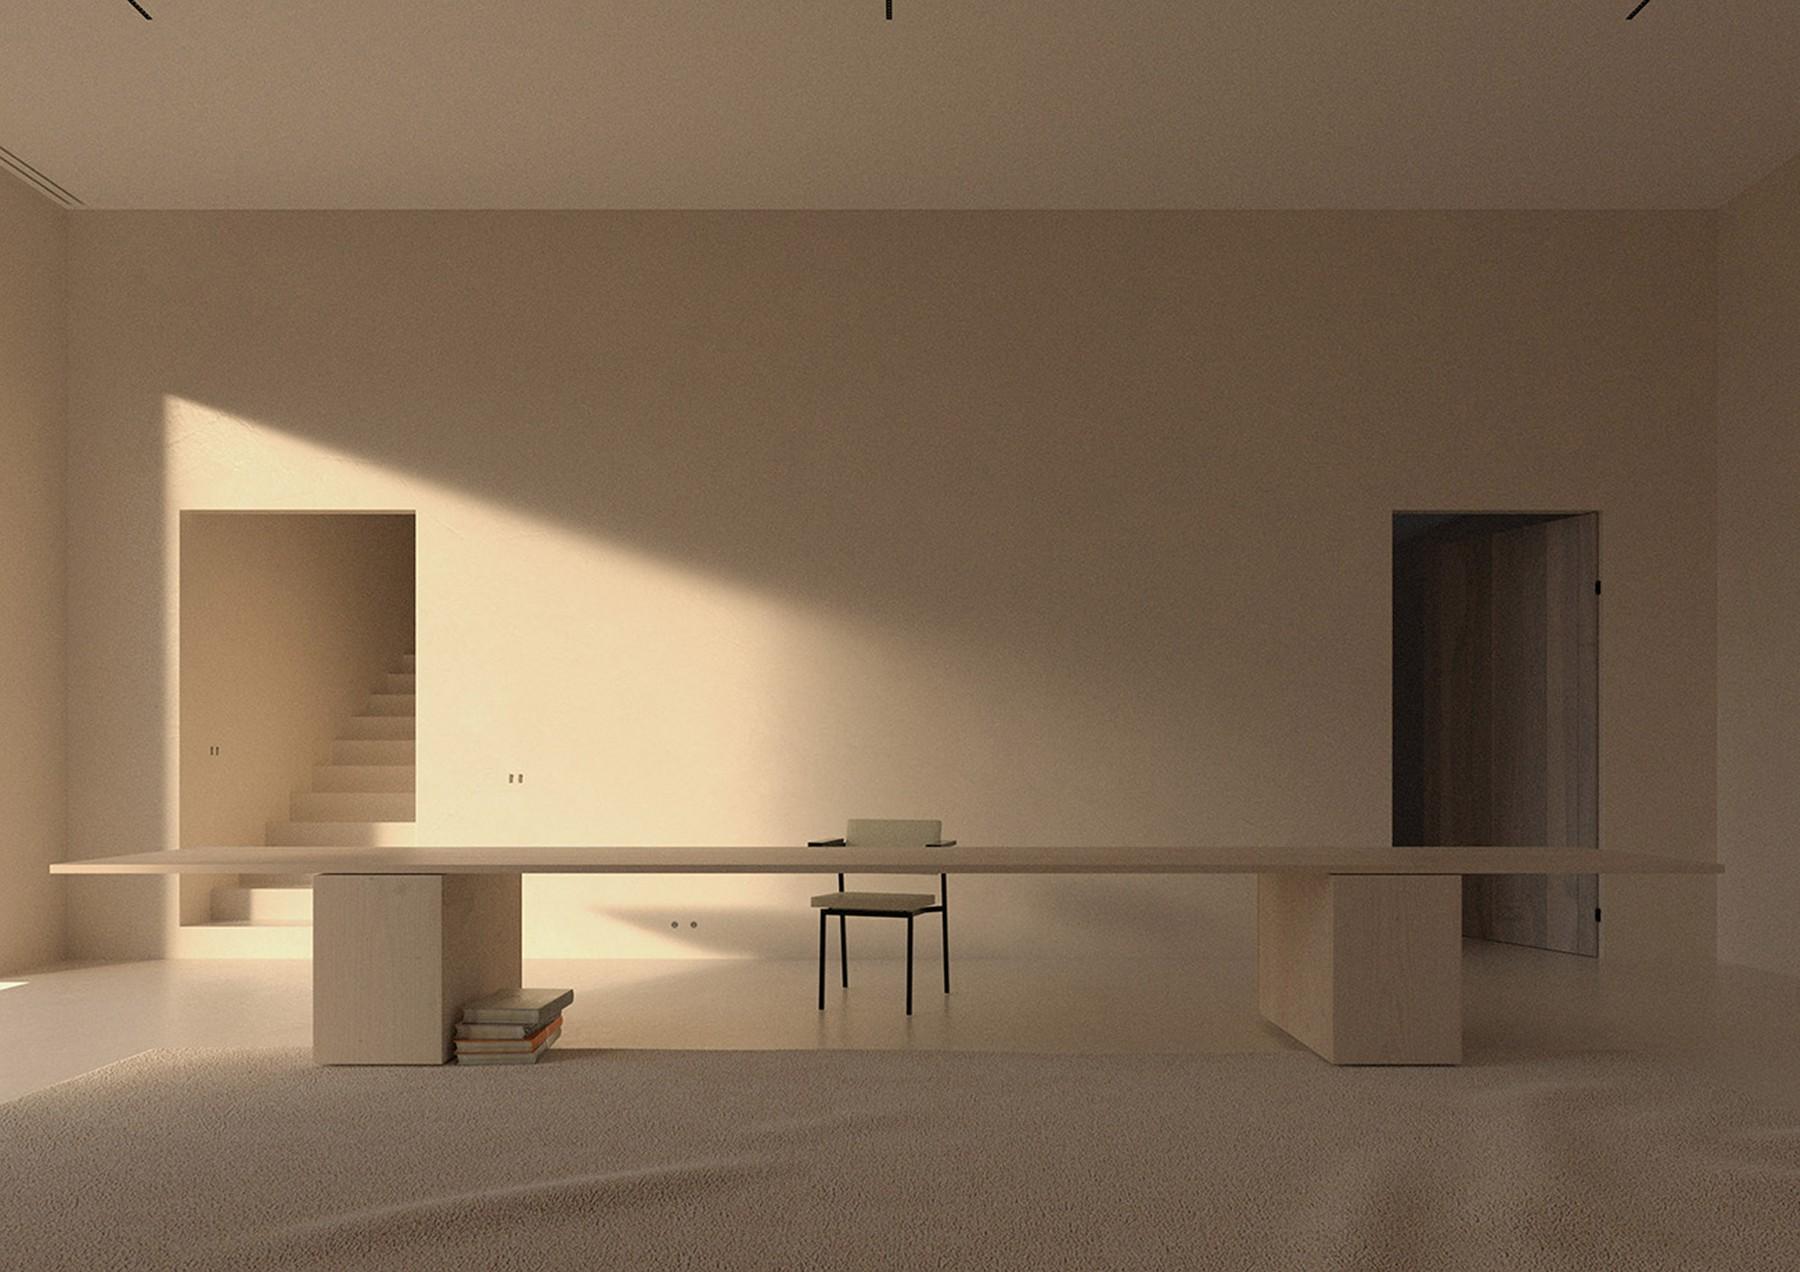 maison-services-generaux-house-interiors-conceptual-architecture-_dezeen_2364_col_10.jpg